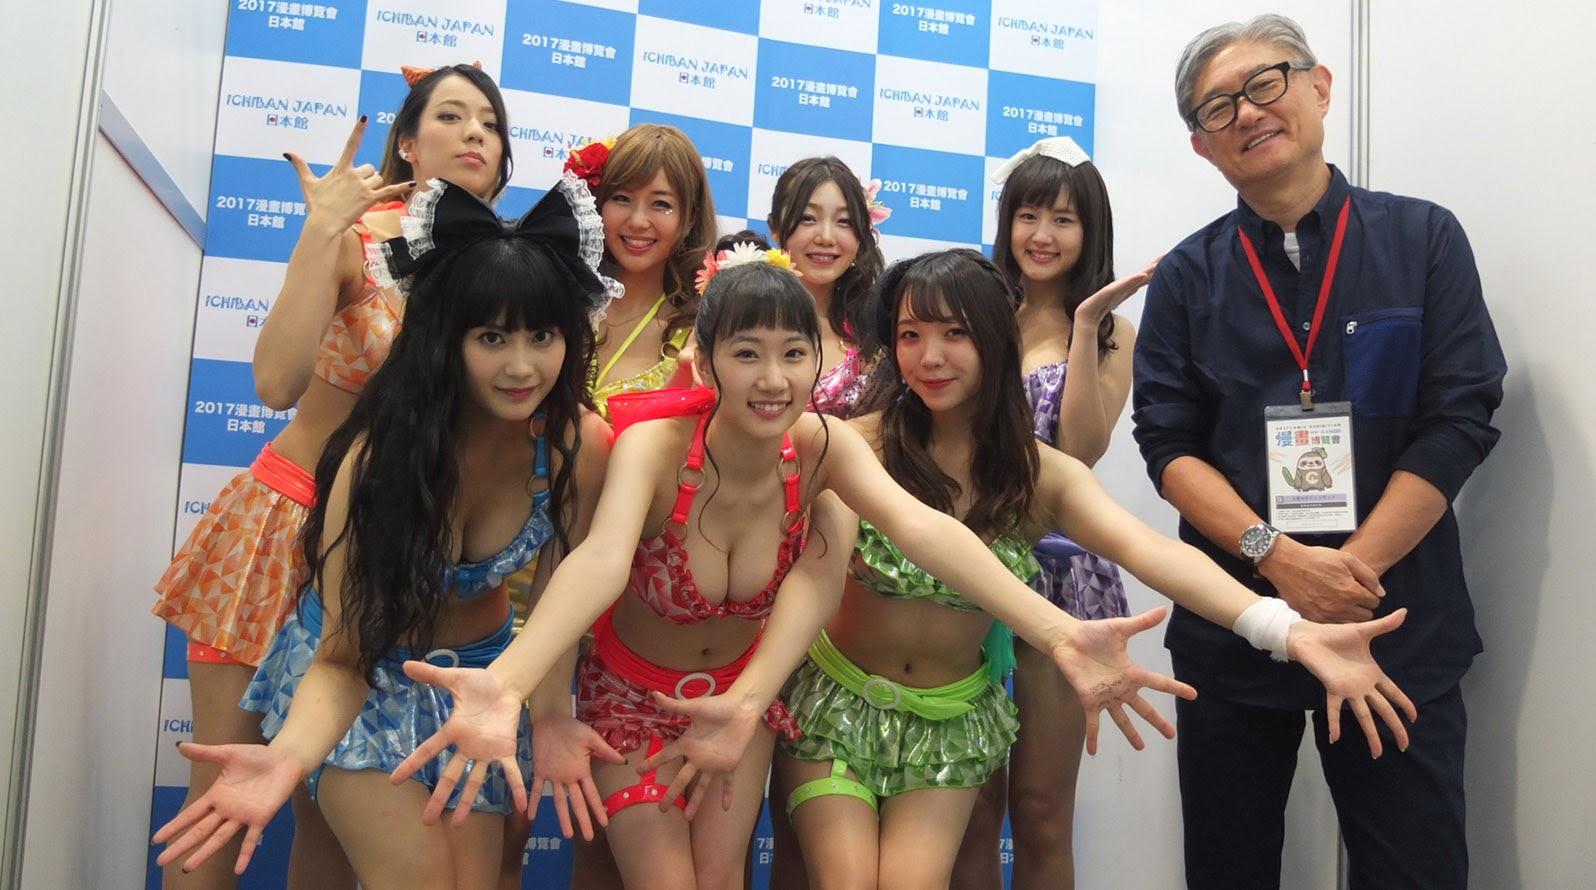 堤幸彥率領新生女子團體「上野熊貓島比基尼」現身漫博之特別訪問